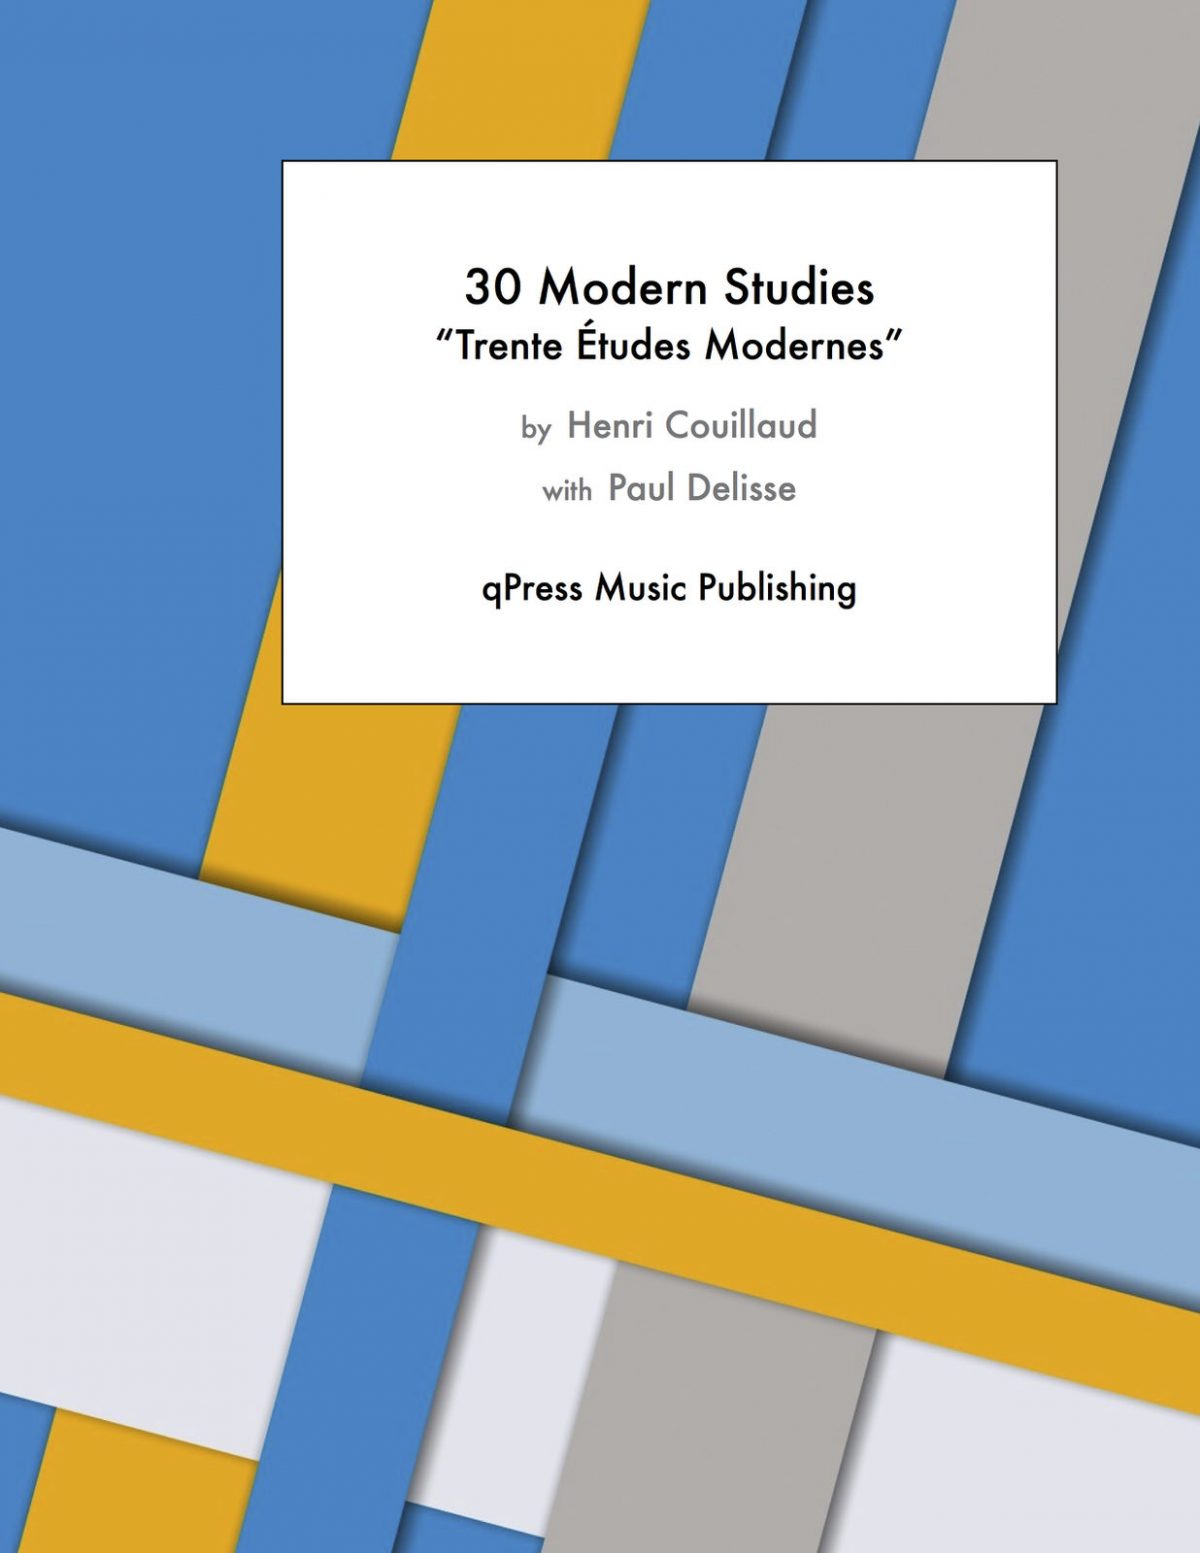 Couillaud, Trente Etudes Modernes